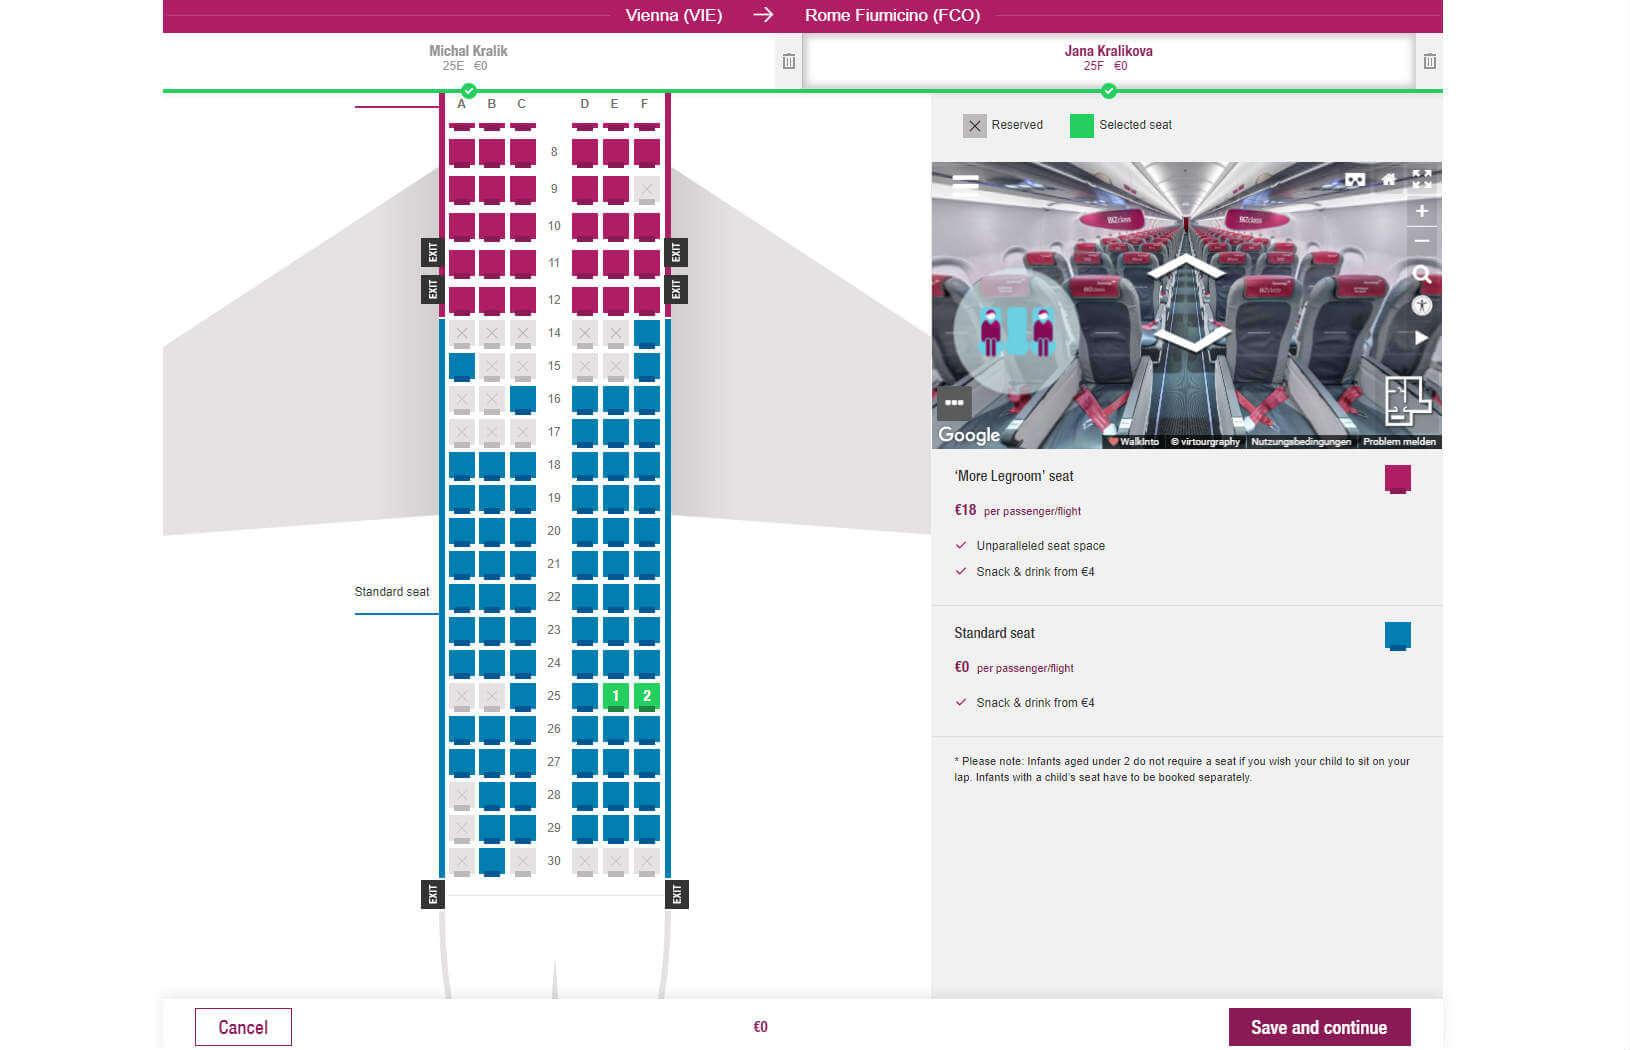 Eurowings Check-in – Výber sedadla